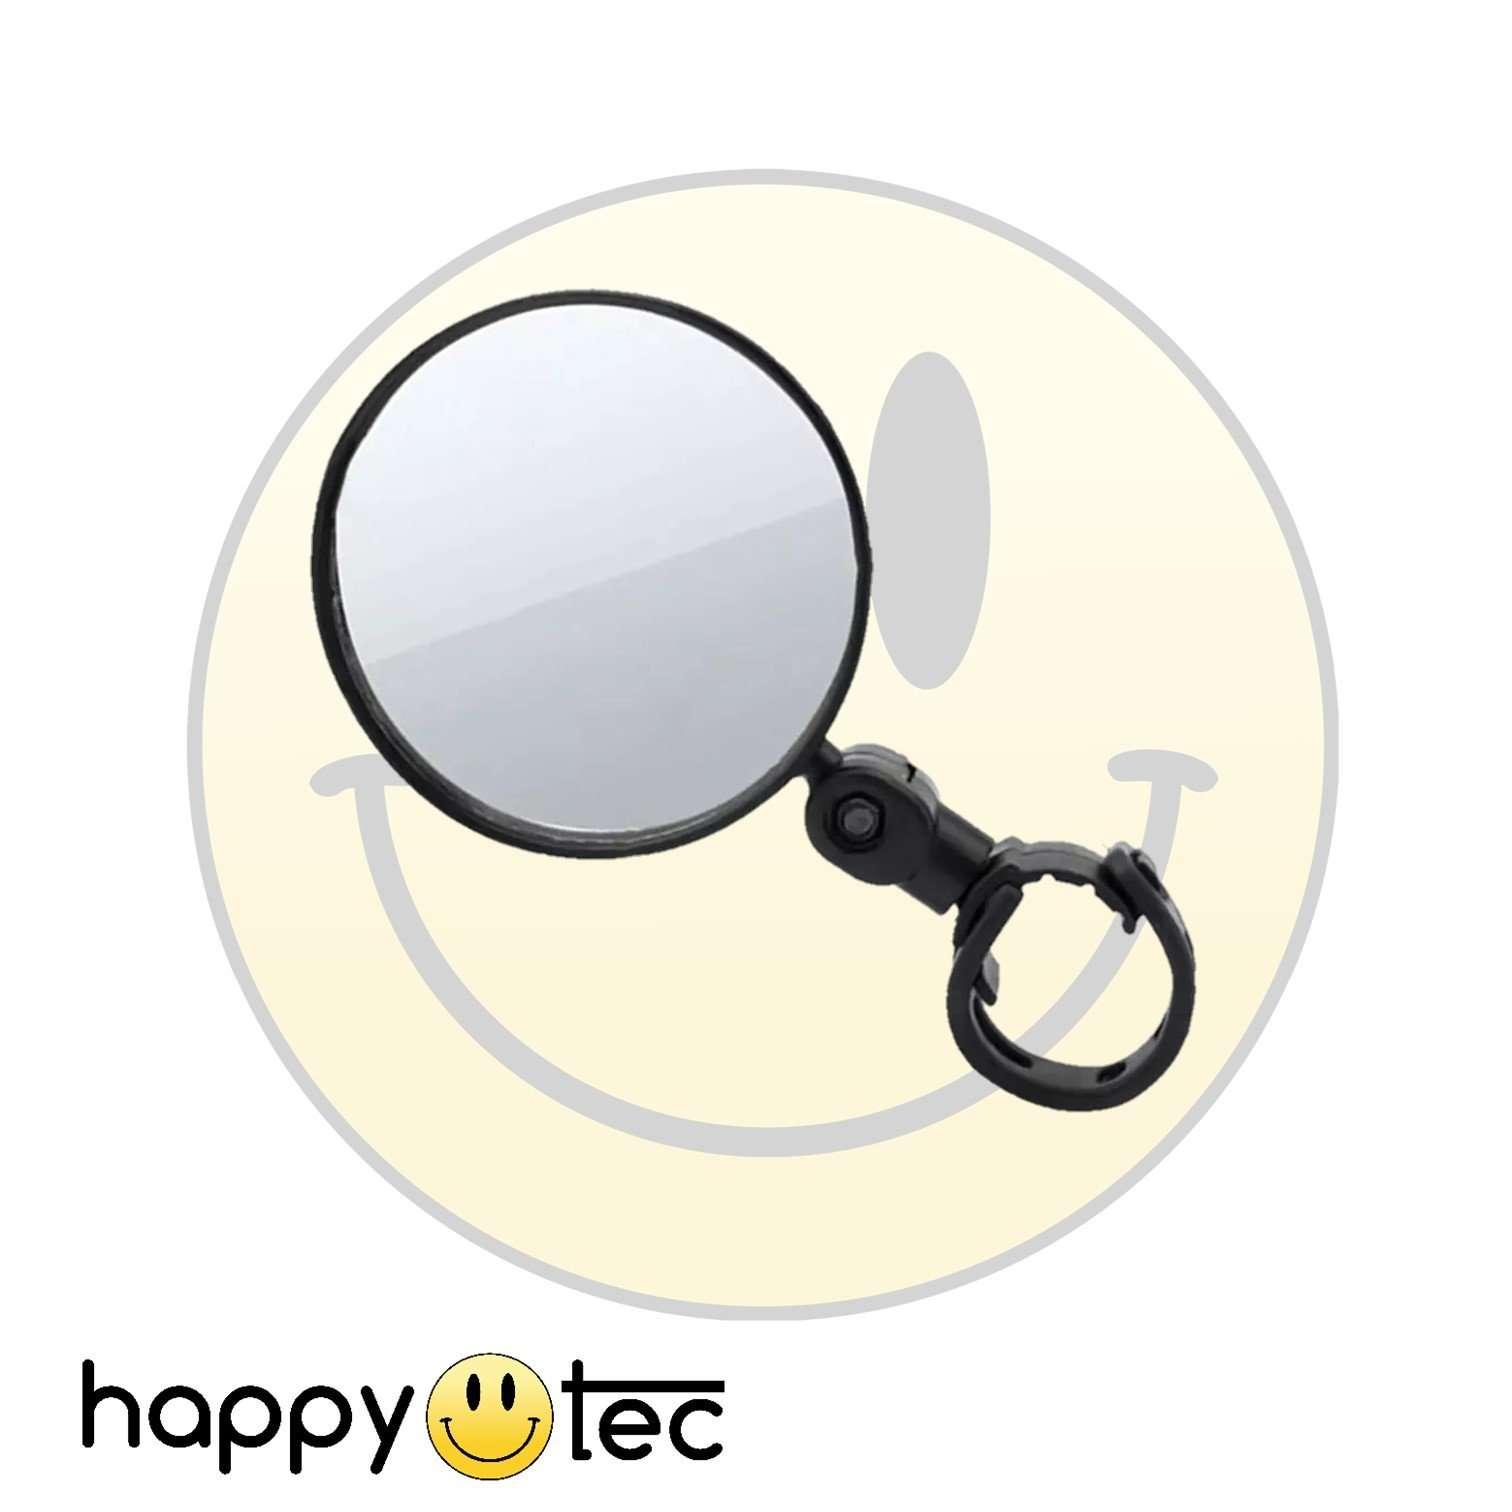 Specchietto retrovisore corto per manubri